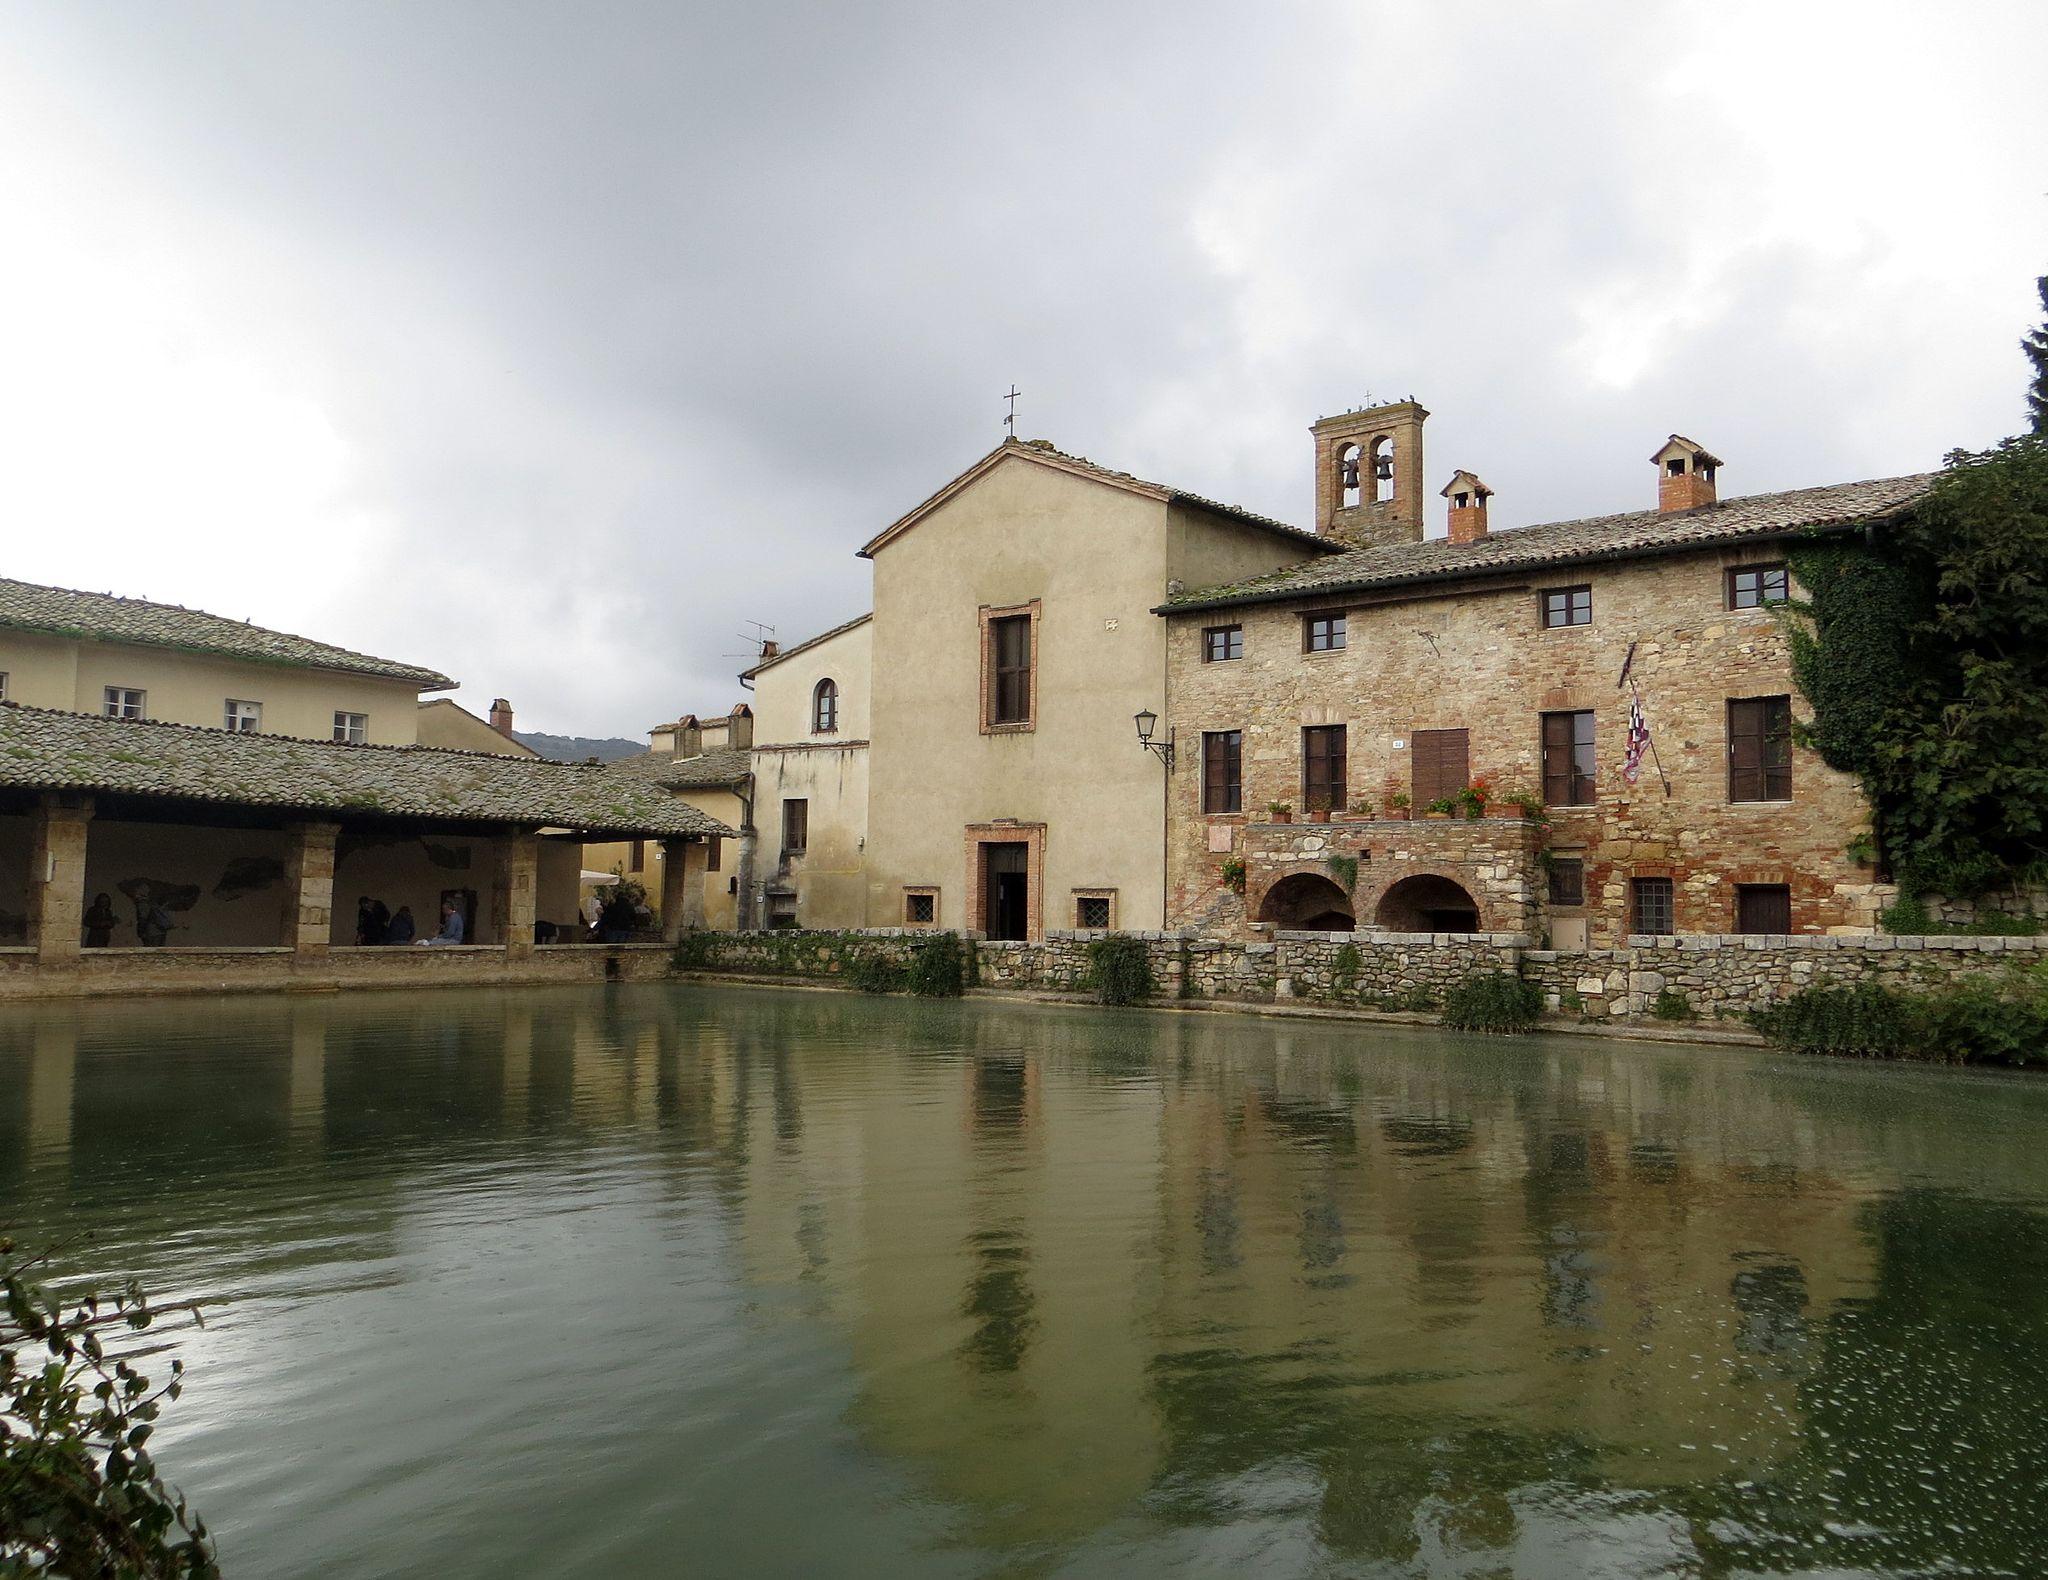 Bagno vignoni piazza delle sorgenti - Bagno vignoni mappa ...